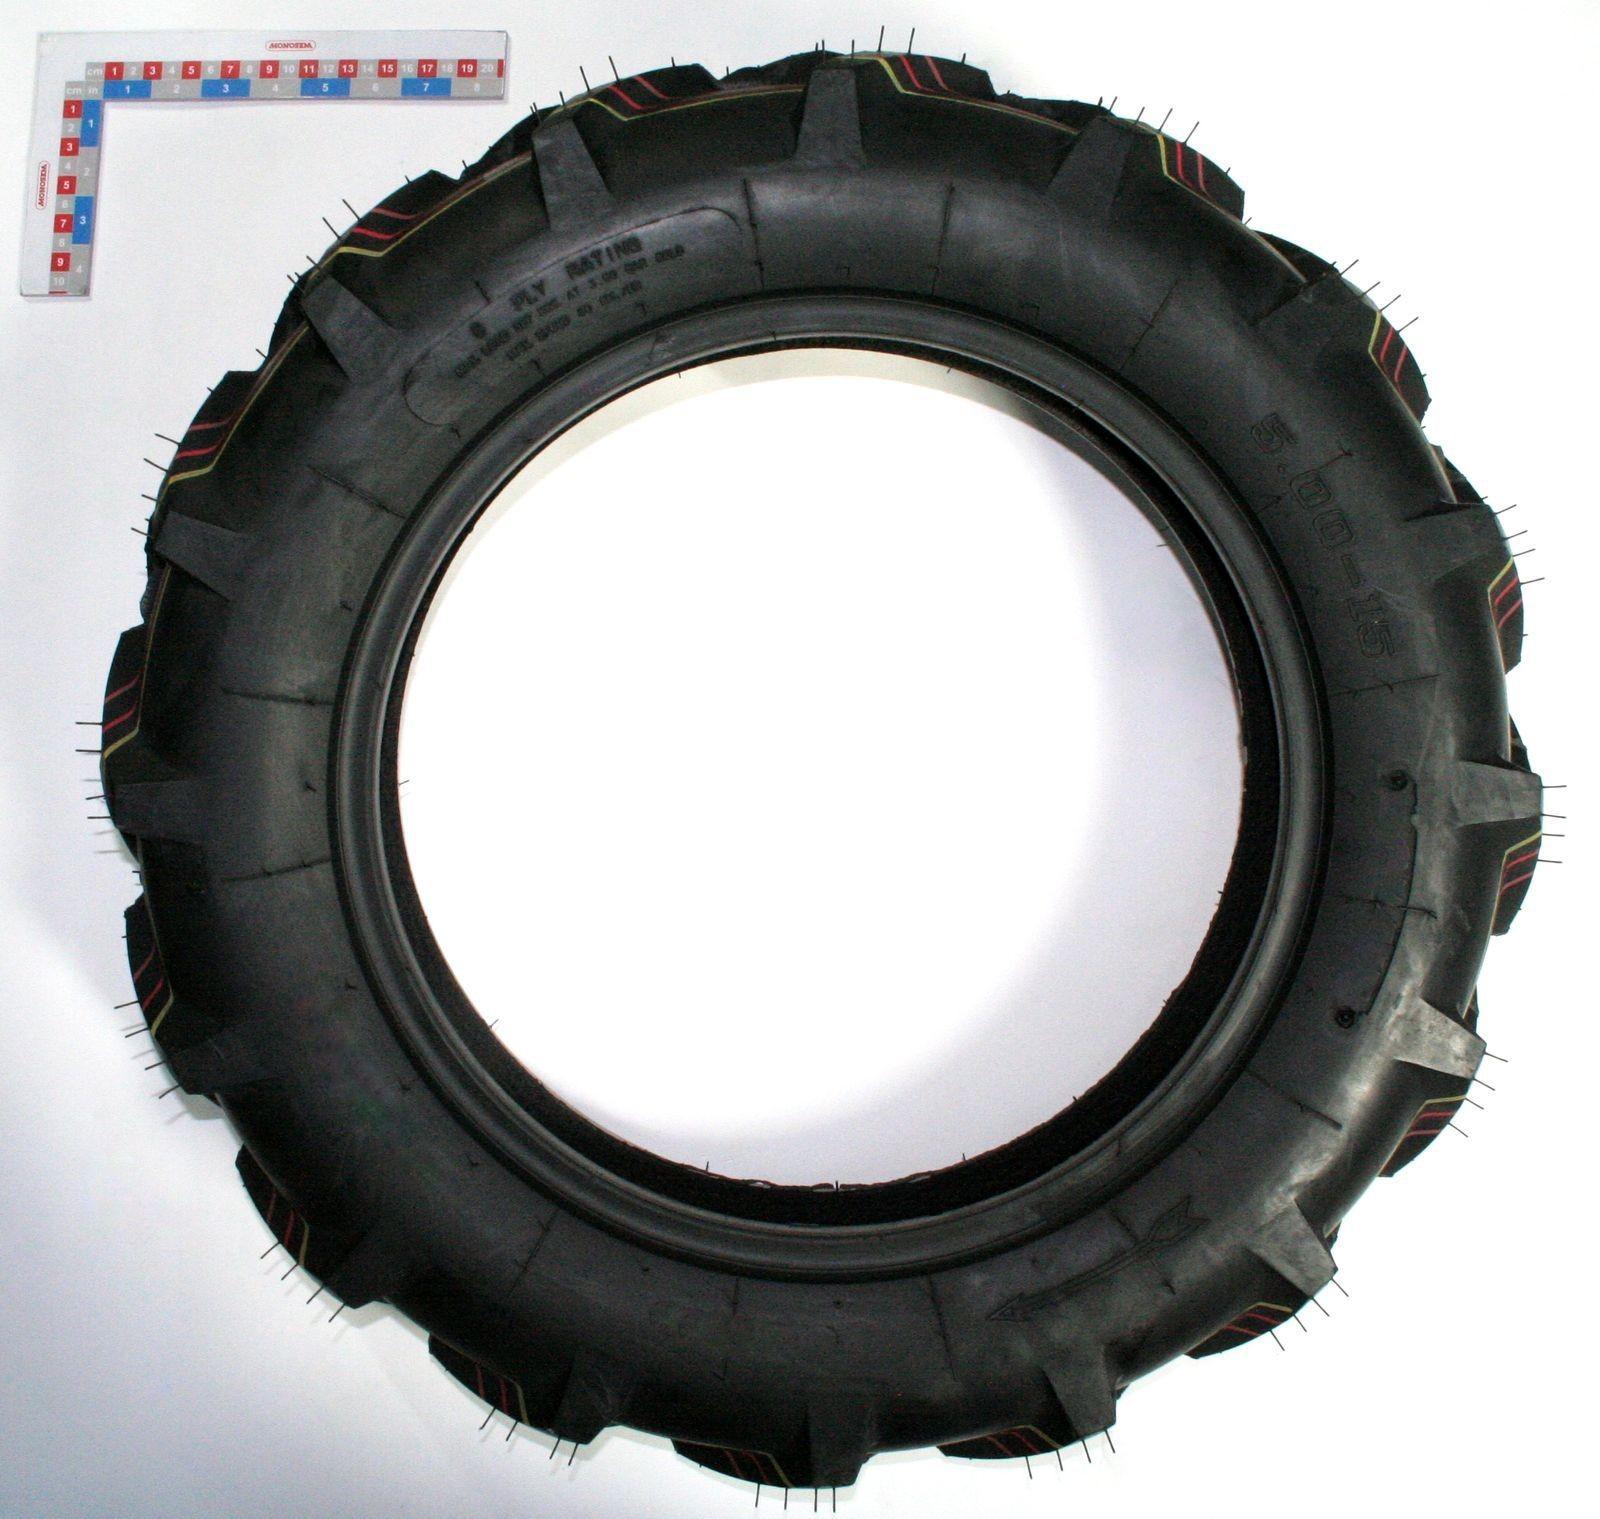 10210051 pneu de roue 500 x 15 for Diametre exterieur pneu